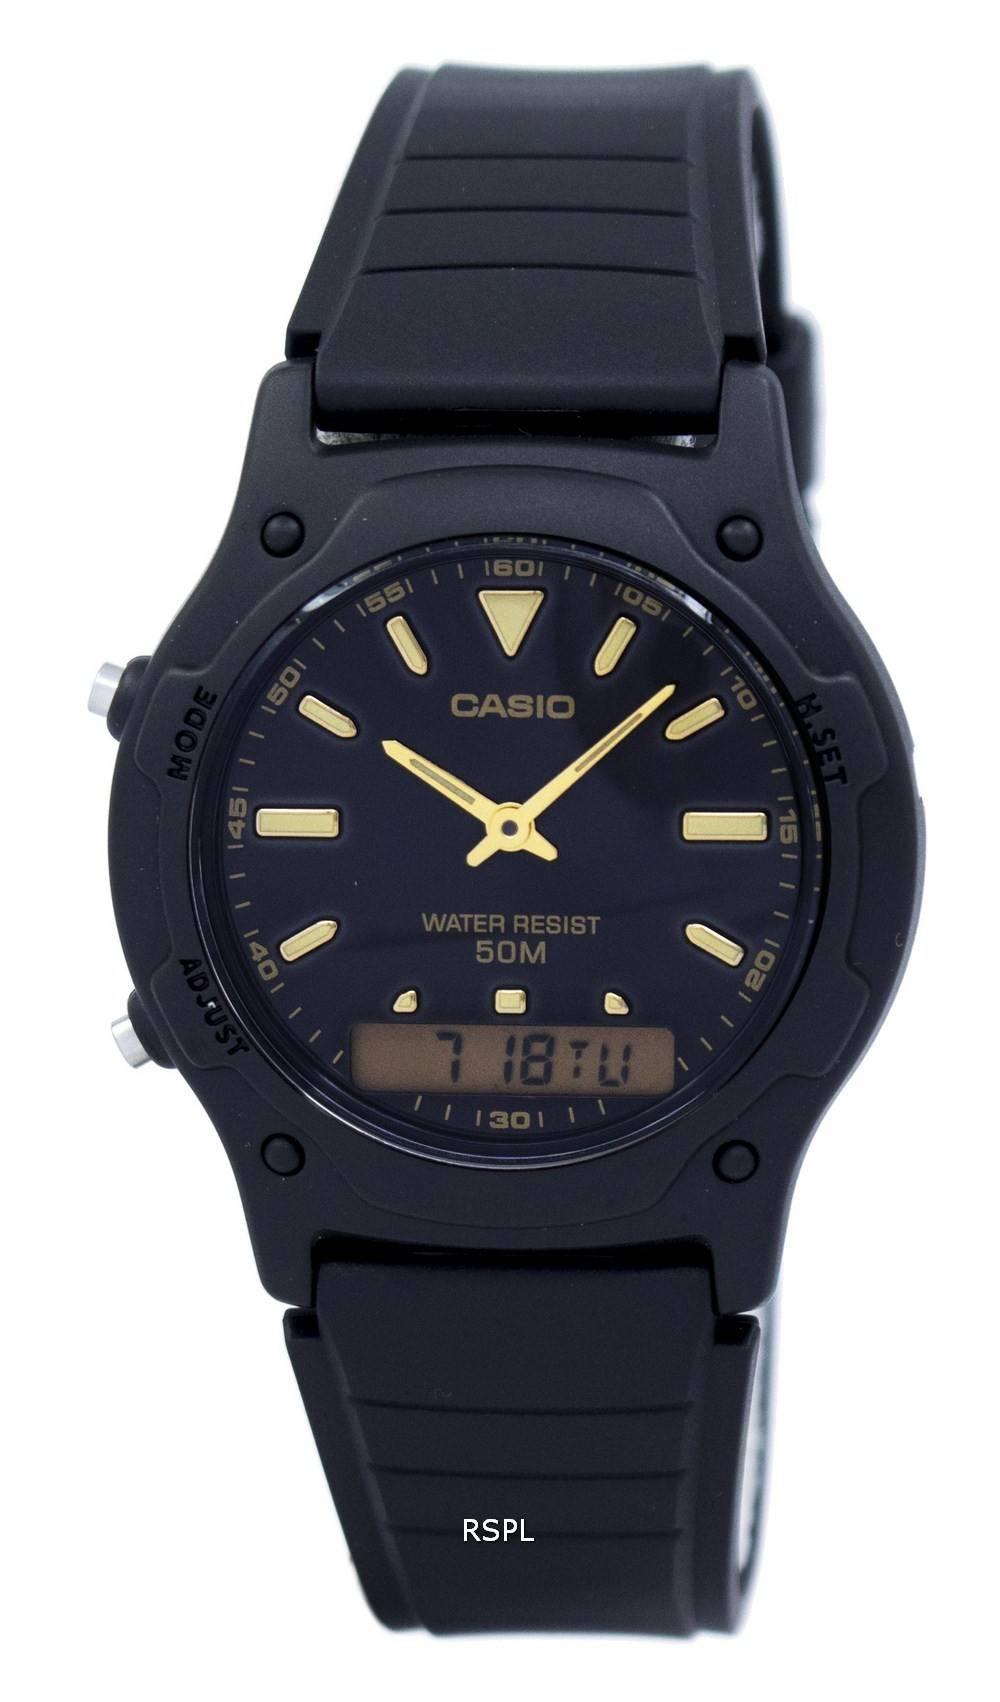 Casio Analog Digital Quartz Dual Time AW-49HE-1AVDF AW49HE-1AVDF Men's Watch